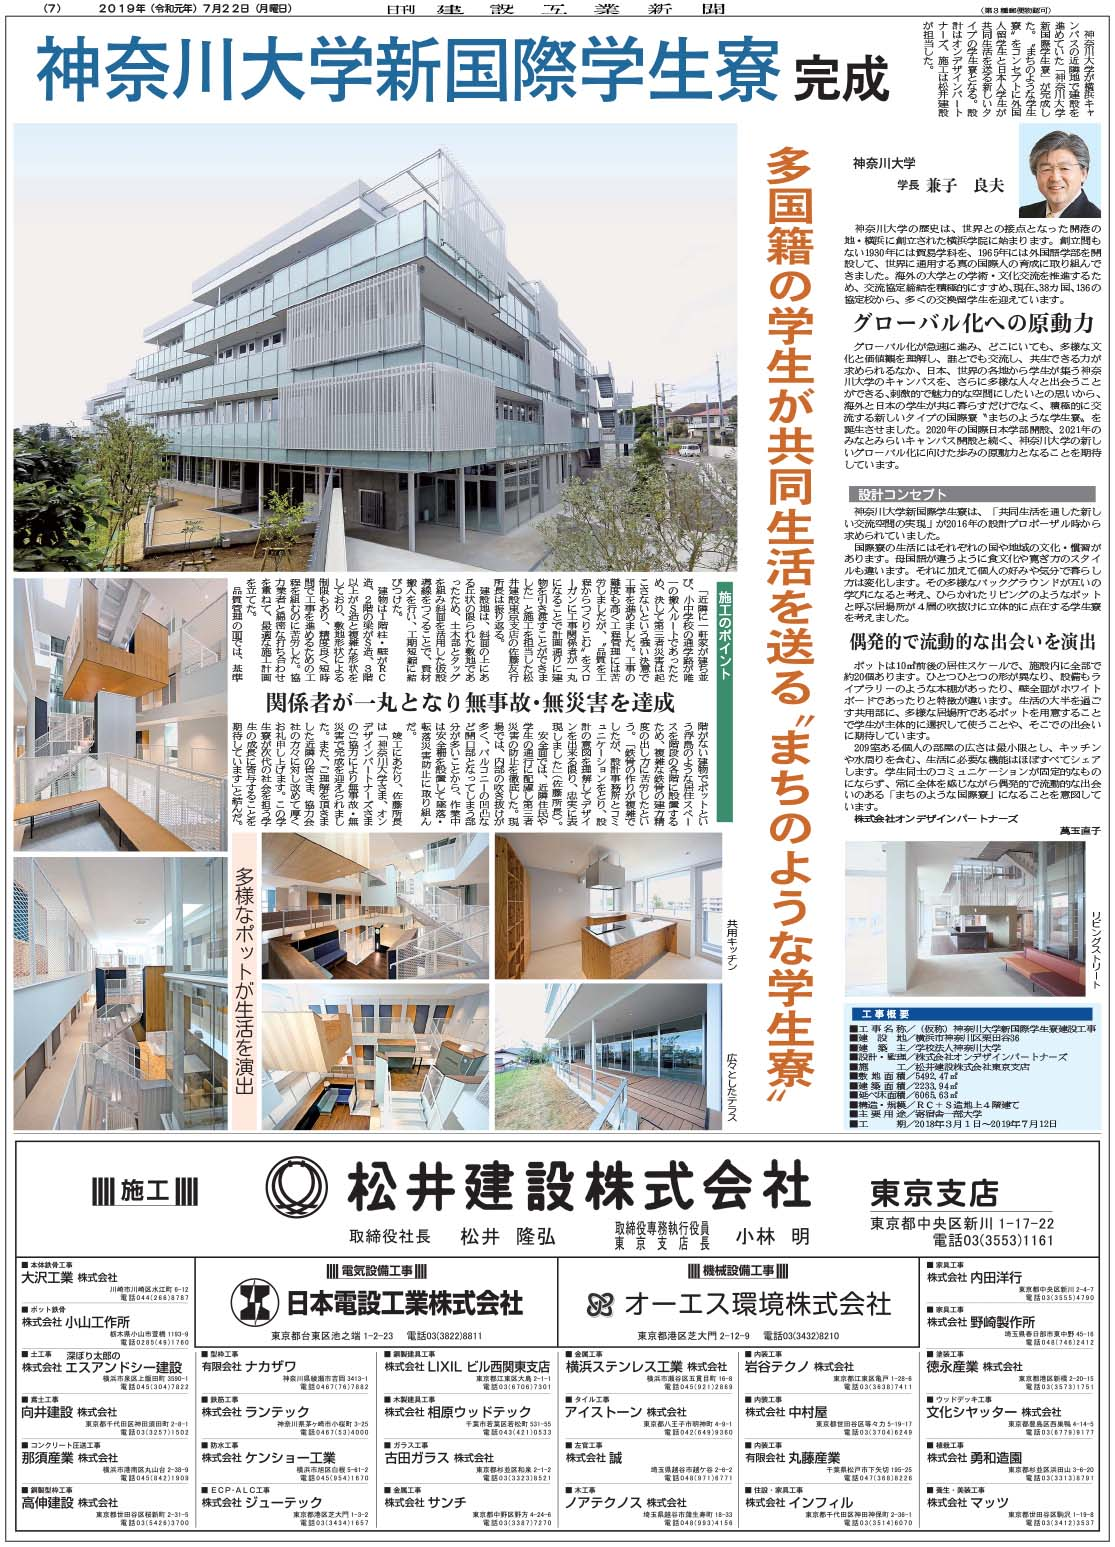 日刊建設工業新聞 » 神奈川大学新国際学生寮 完成